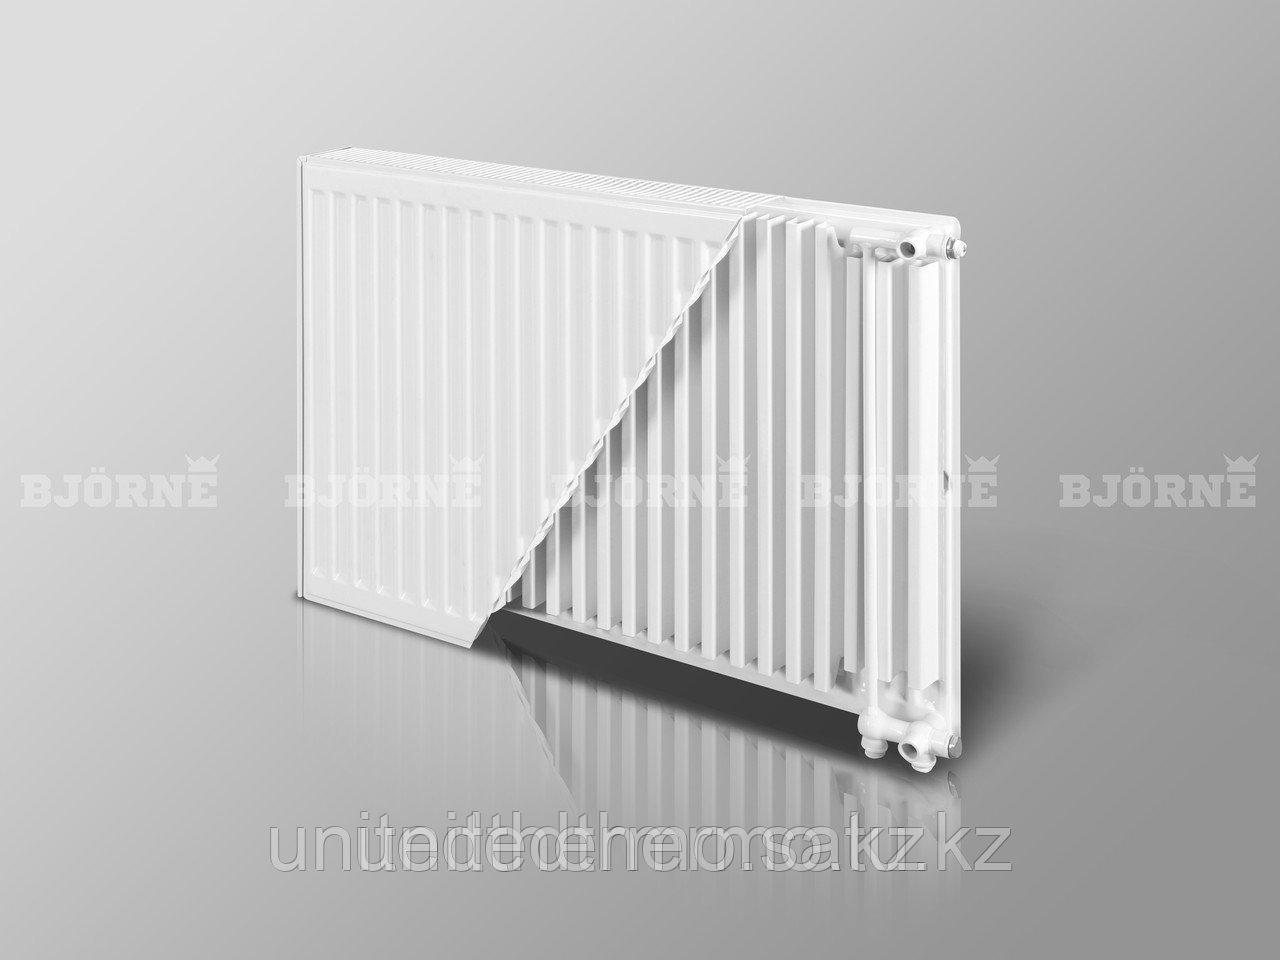 Стальной панельный радиатор Bjorne тип 11VK H300мм*L400мм до L3000мм нижнее подключение